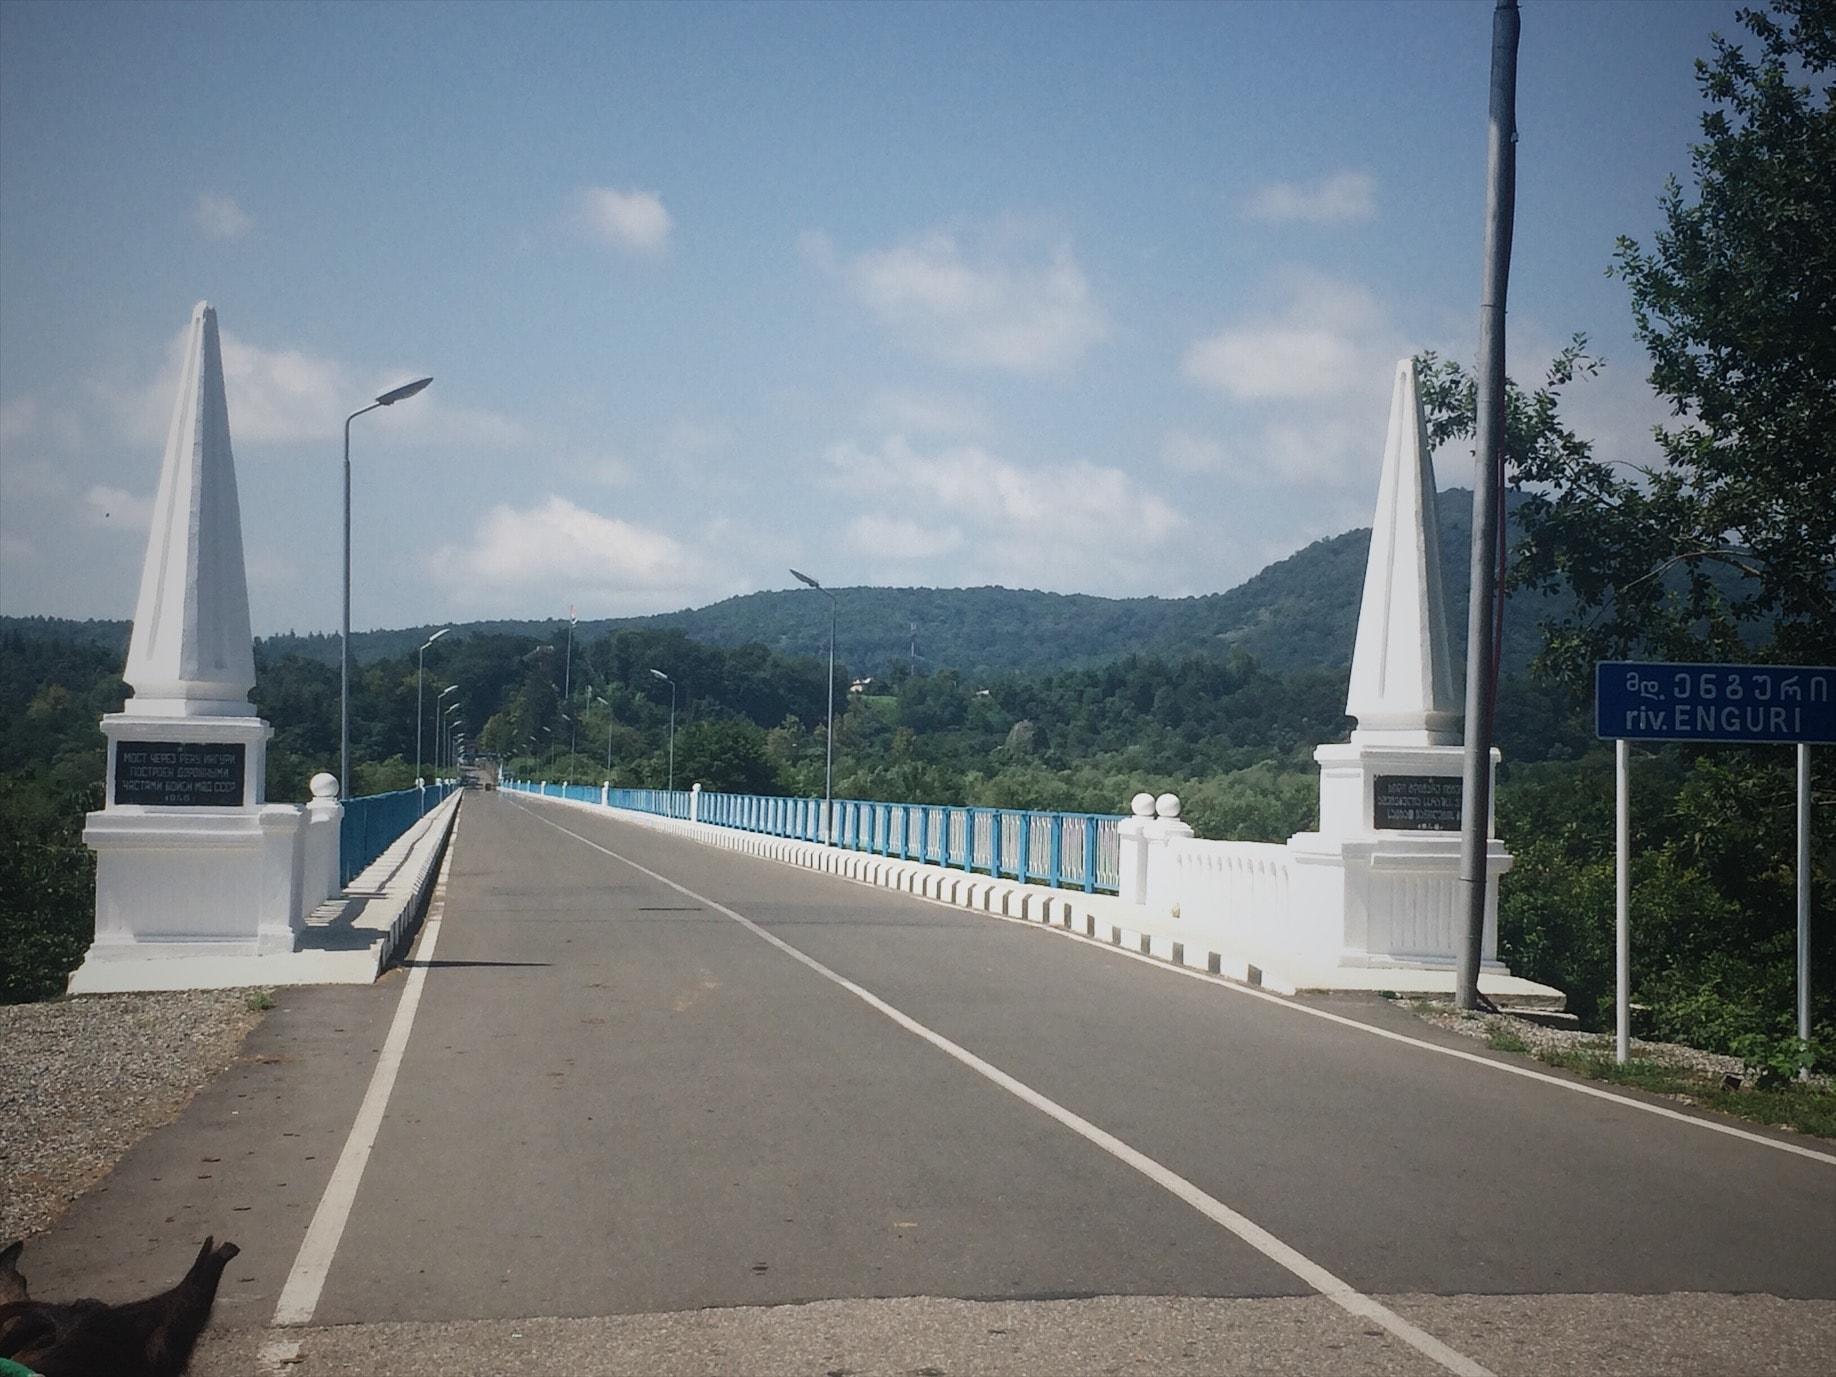 Inguri Border 4 #новости Абхазия, Гарри Кокая, российская оккупация в Грузии